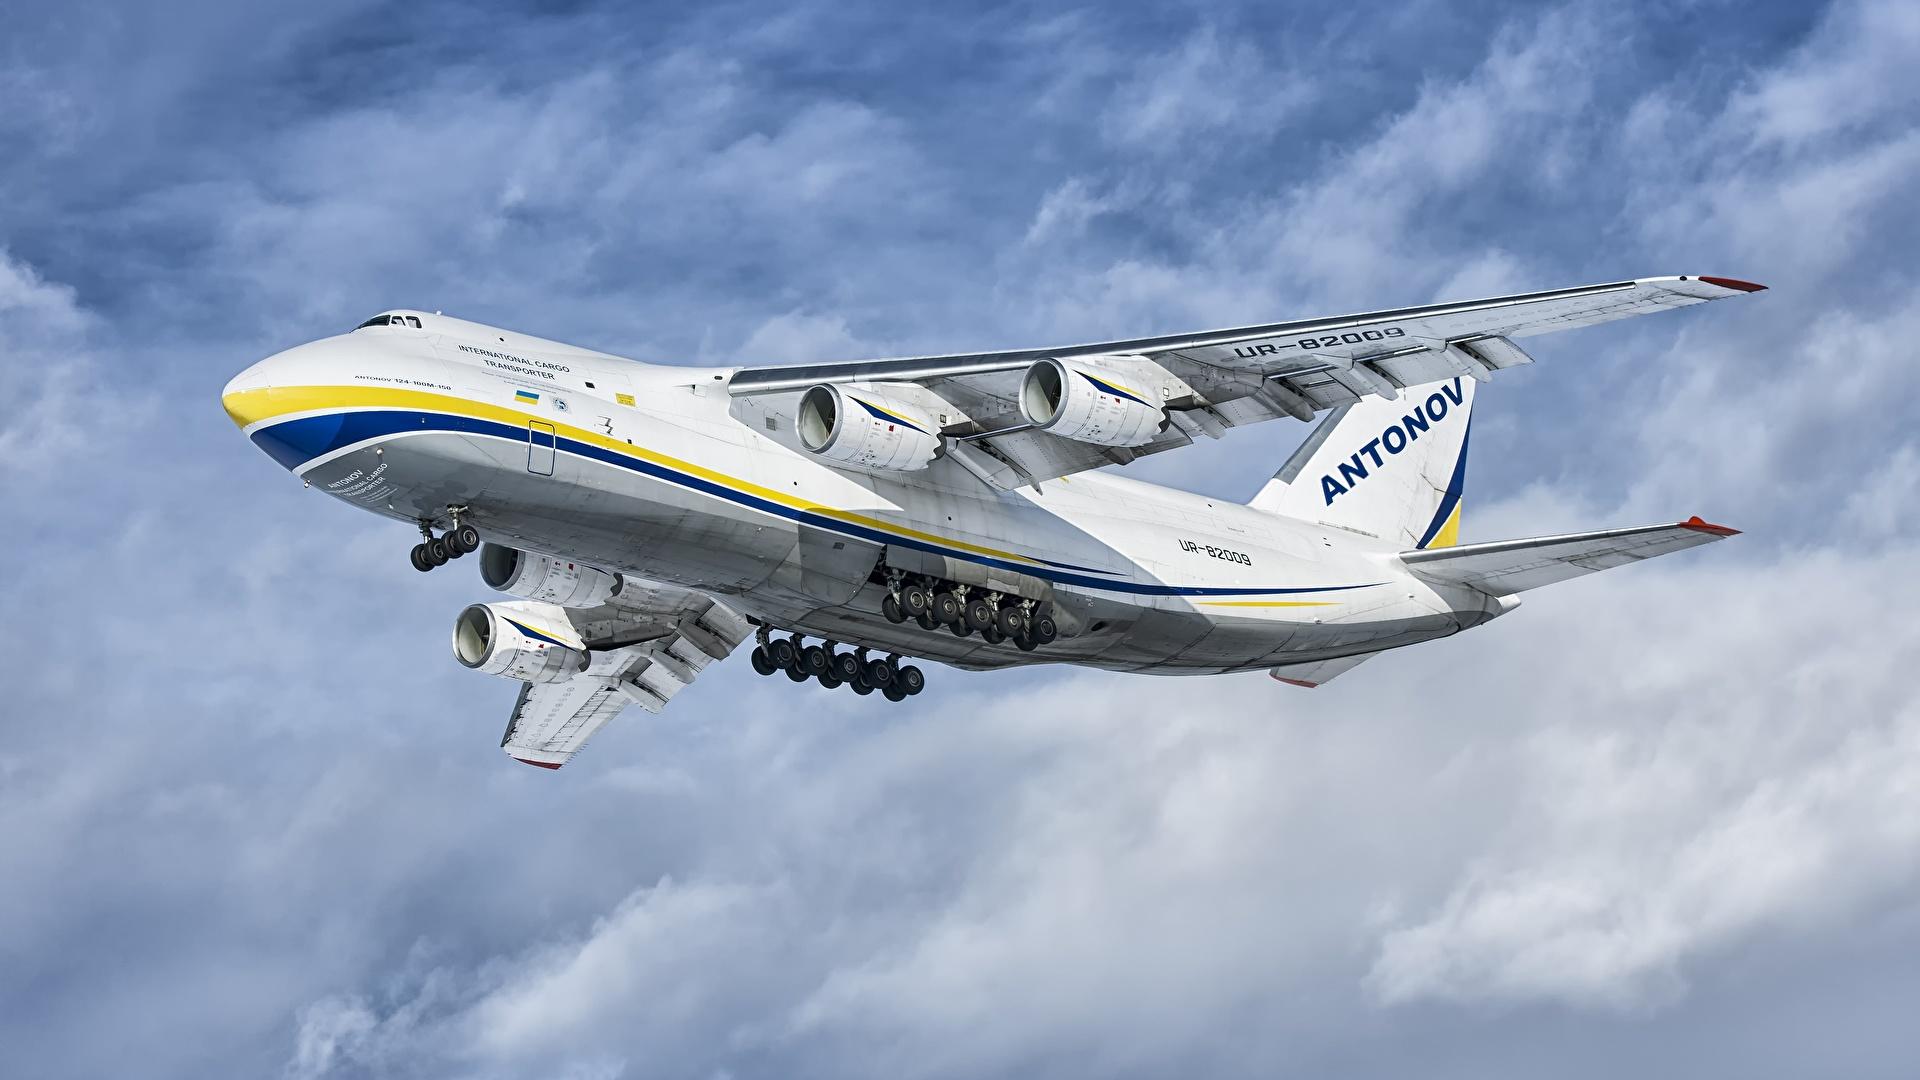 Обои Самолёт, транспортный. Авиация foto 14